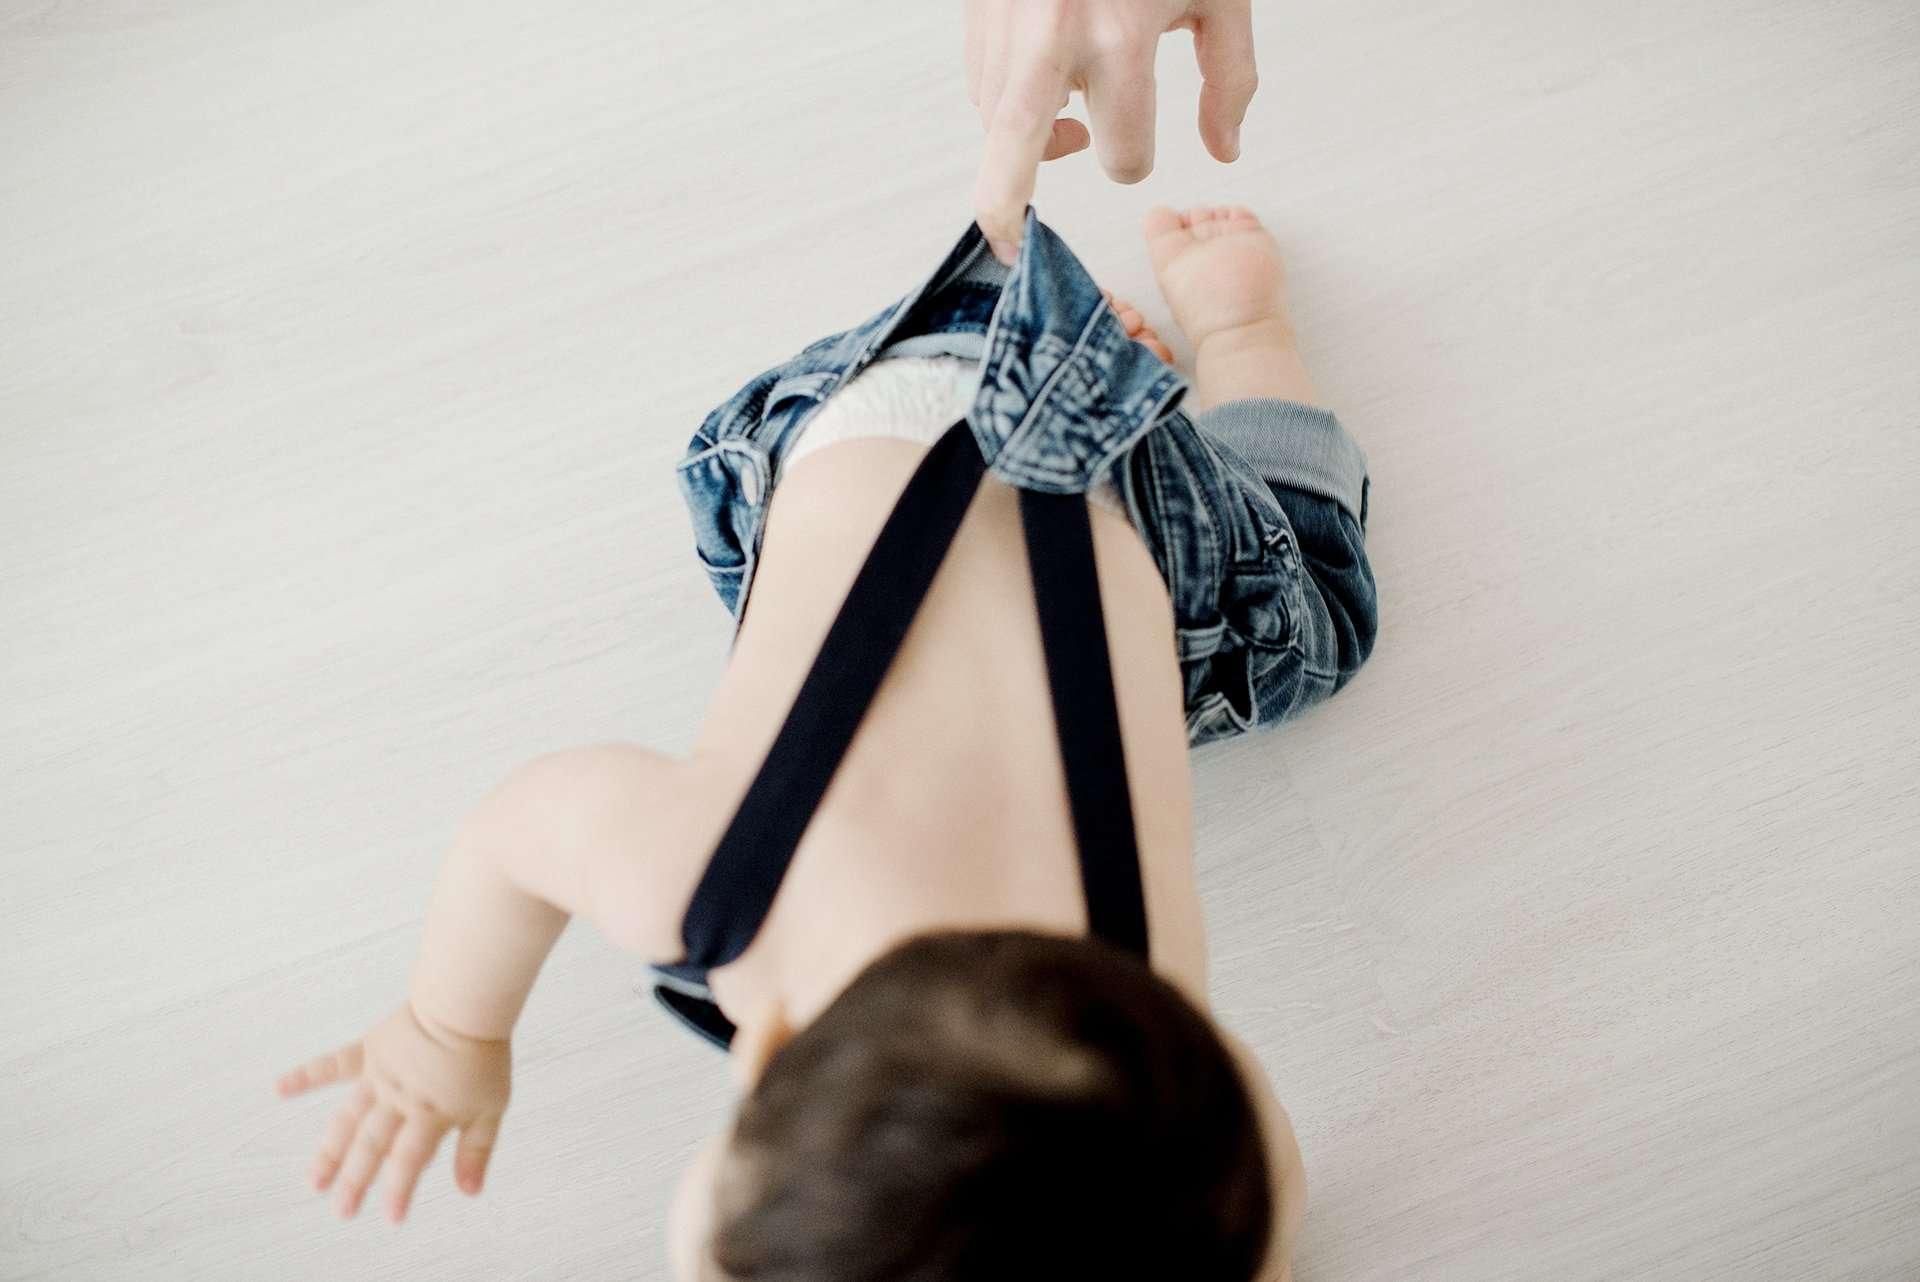 Fotografia di Maurizio che corre realizzata da Barbara Trincone Fotografo specializzato in Gravidanza, Maternità, Genitorialità, Nascita e Newborn